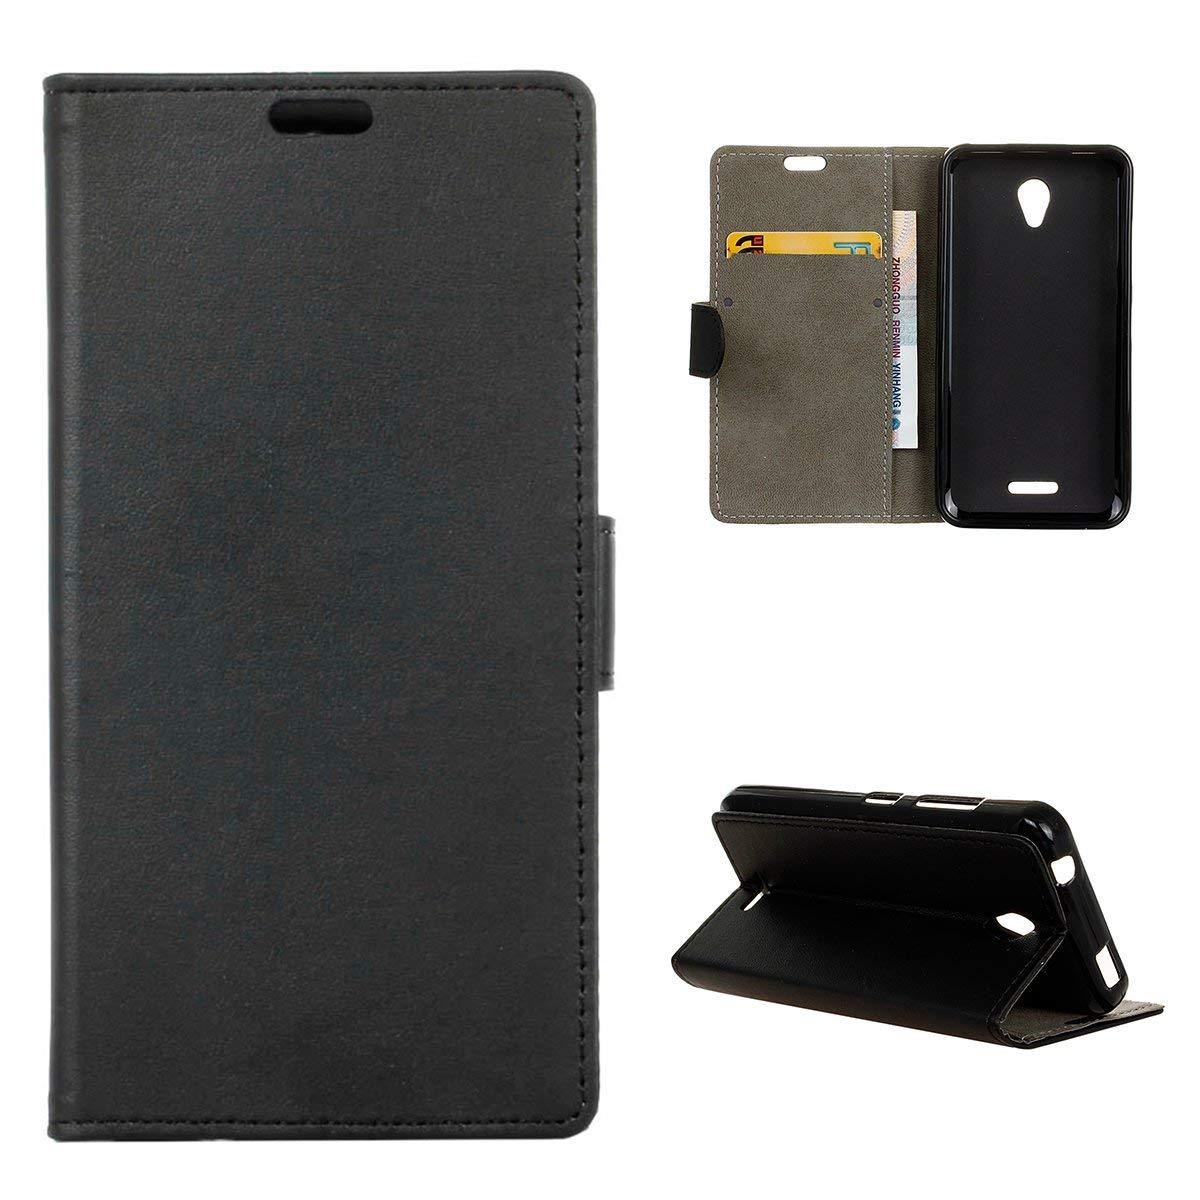 Cheap Zte Blade Phone, find Zte Blade Phone deals on line at Alibaba com